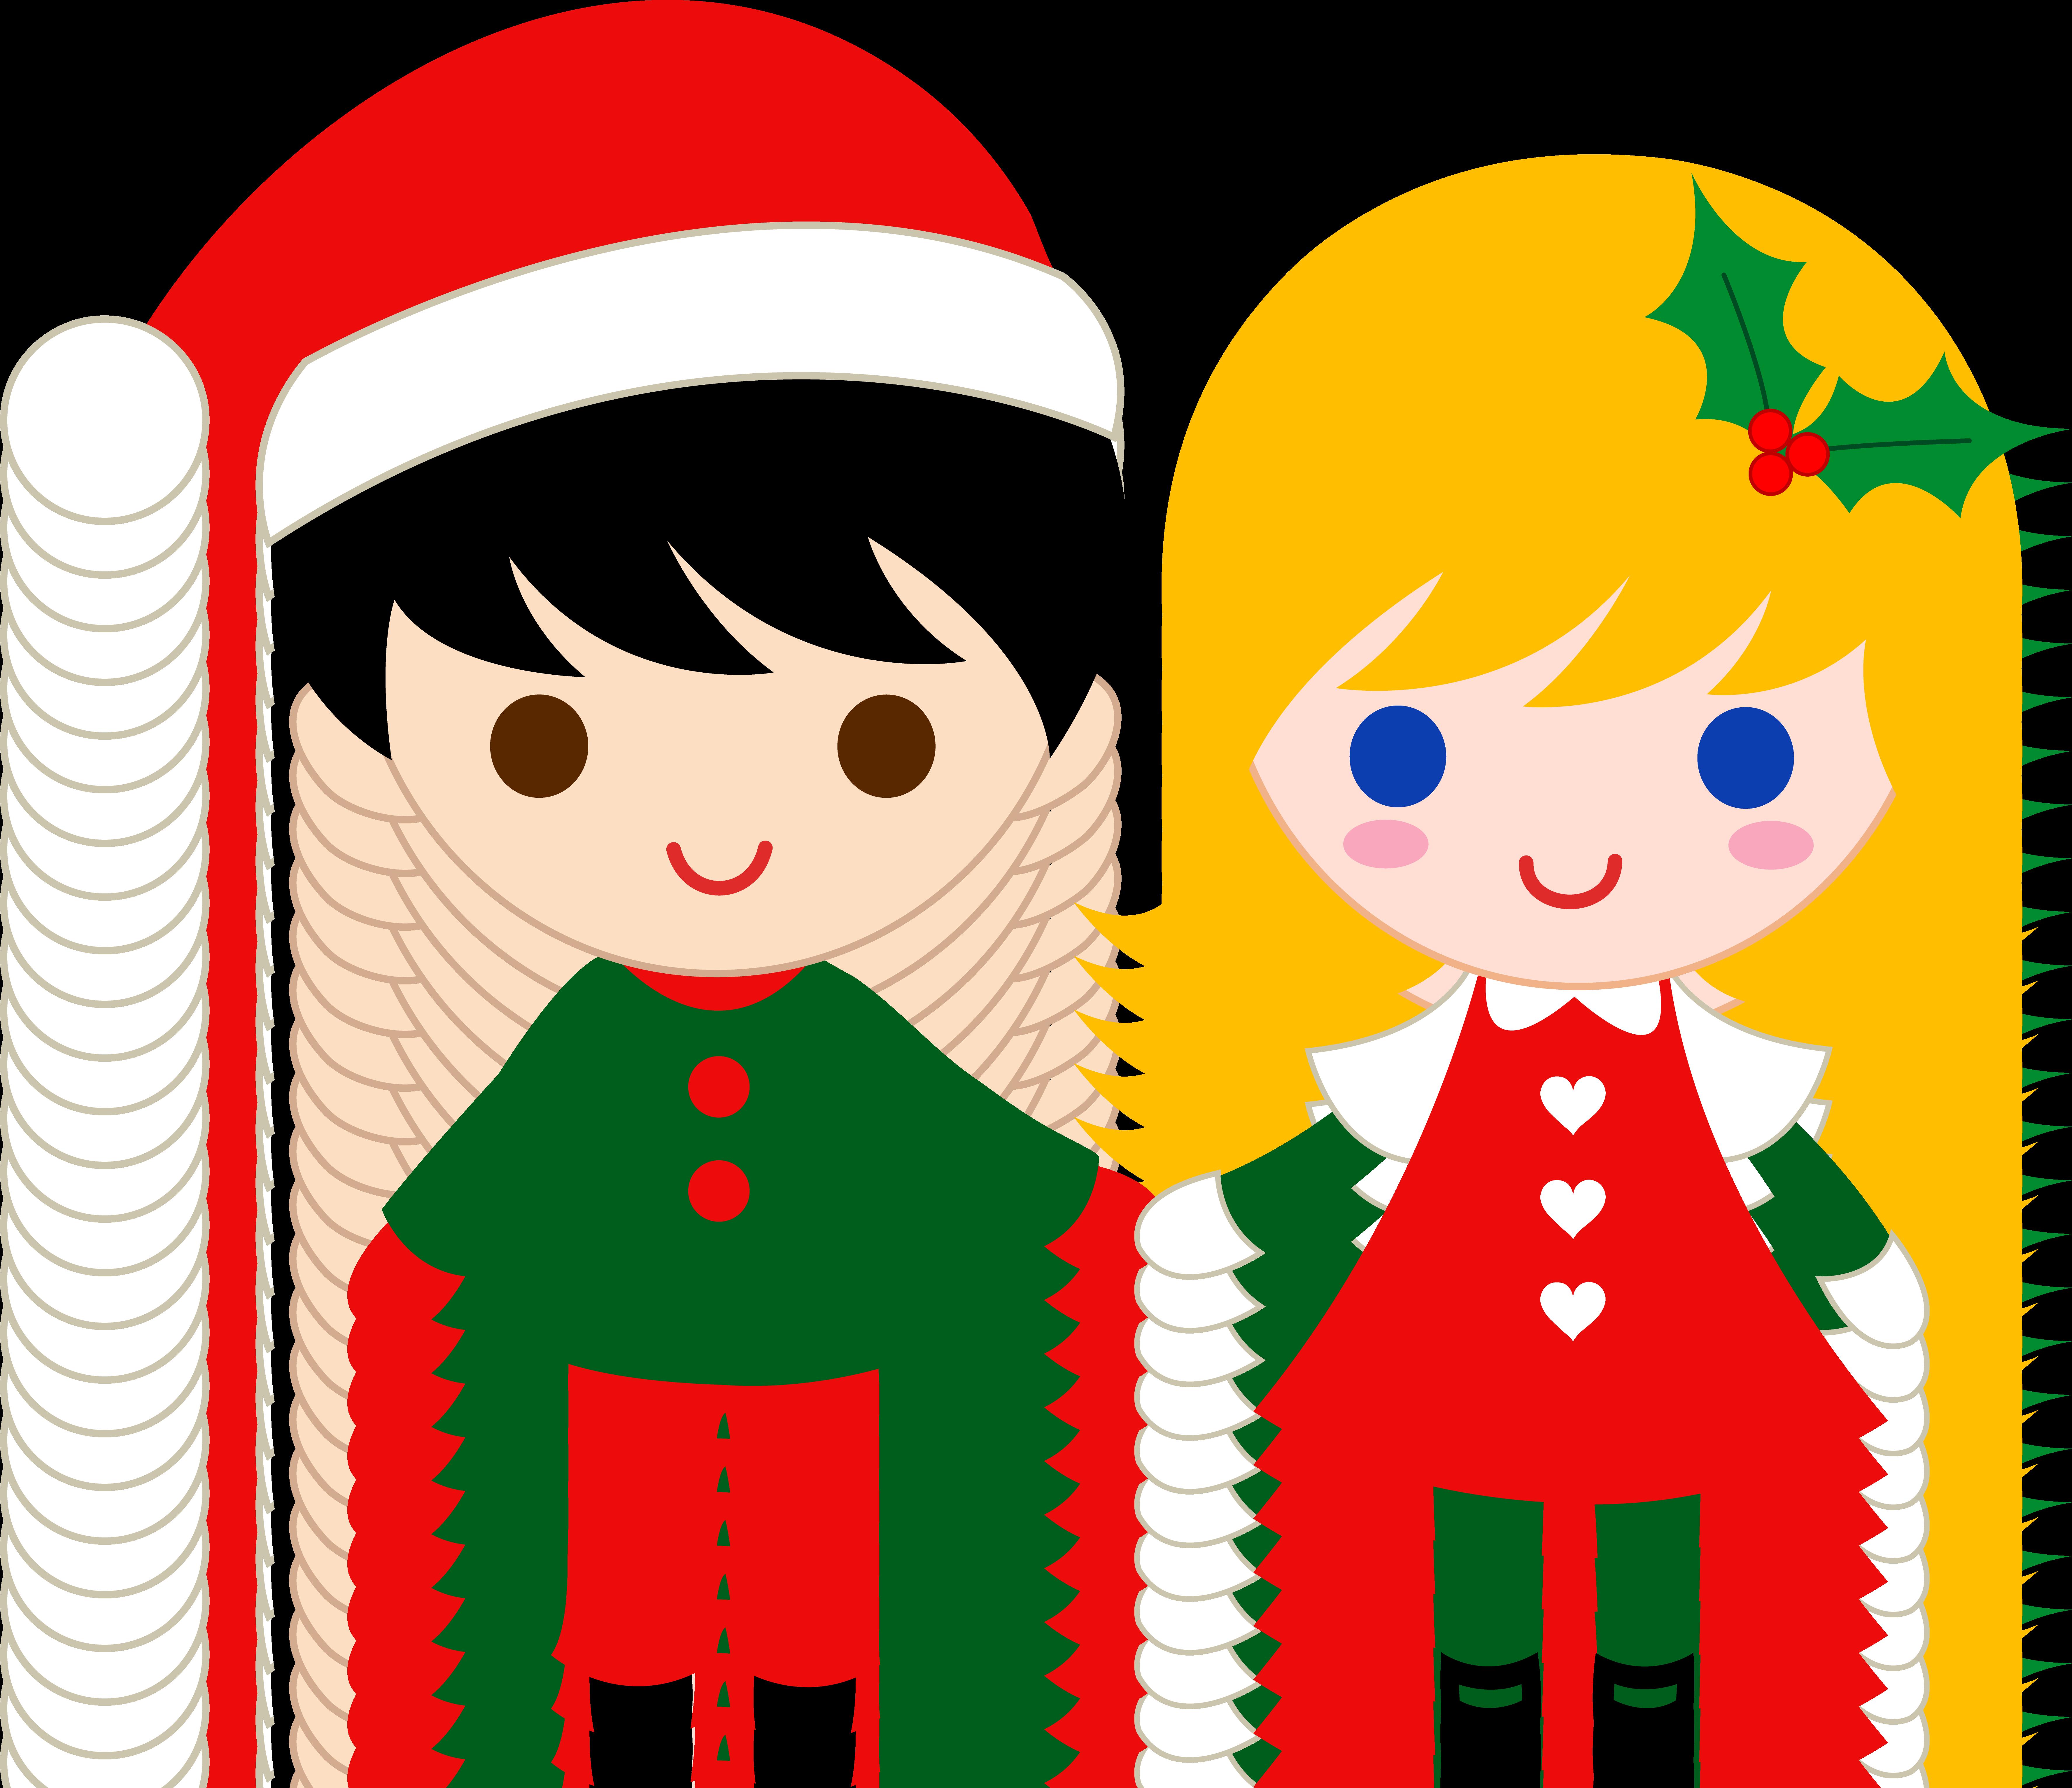 Cute Childrenu0026#39;s Clipart | Cute C-cute childrenu0026#39;s clipart | Cute Christmas Kids Clip Art - Free Clip-3